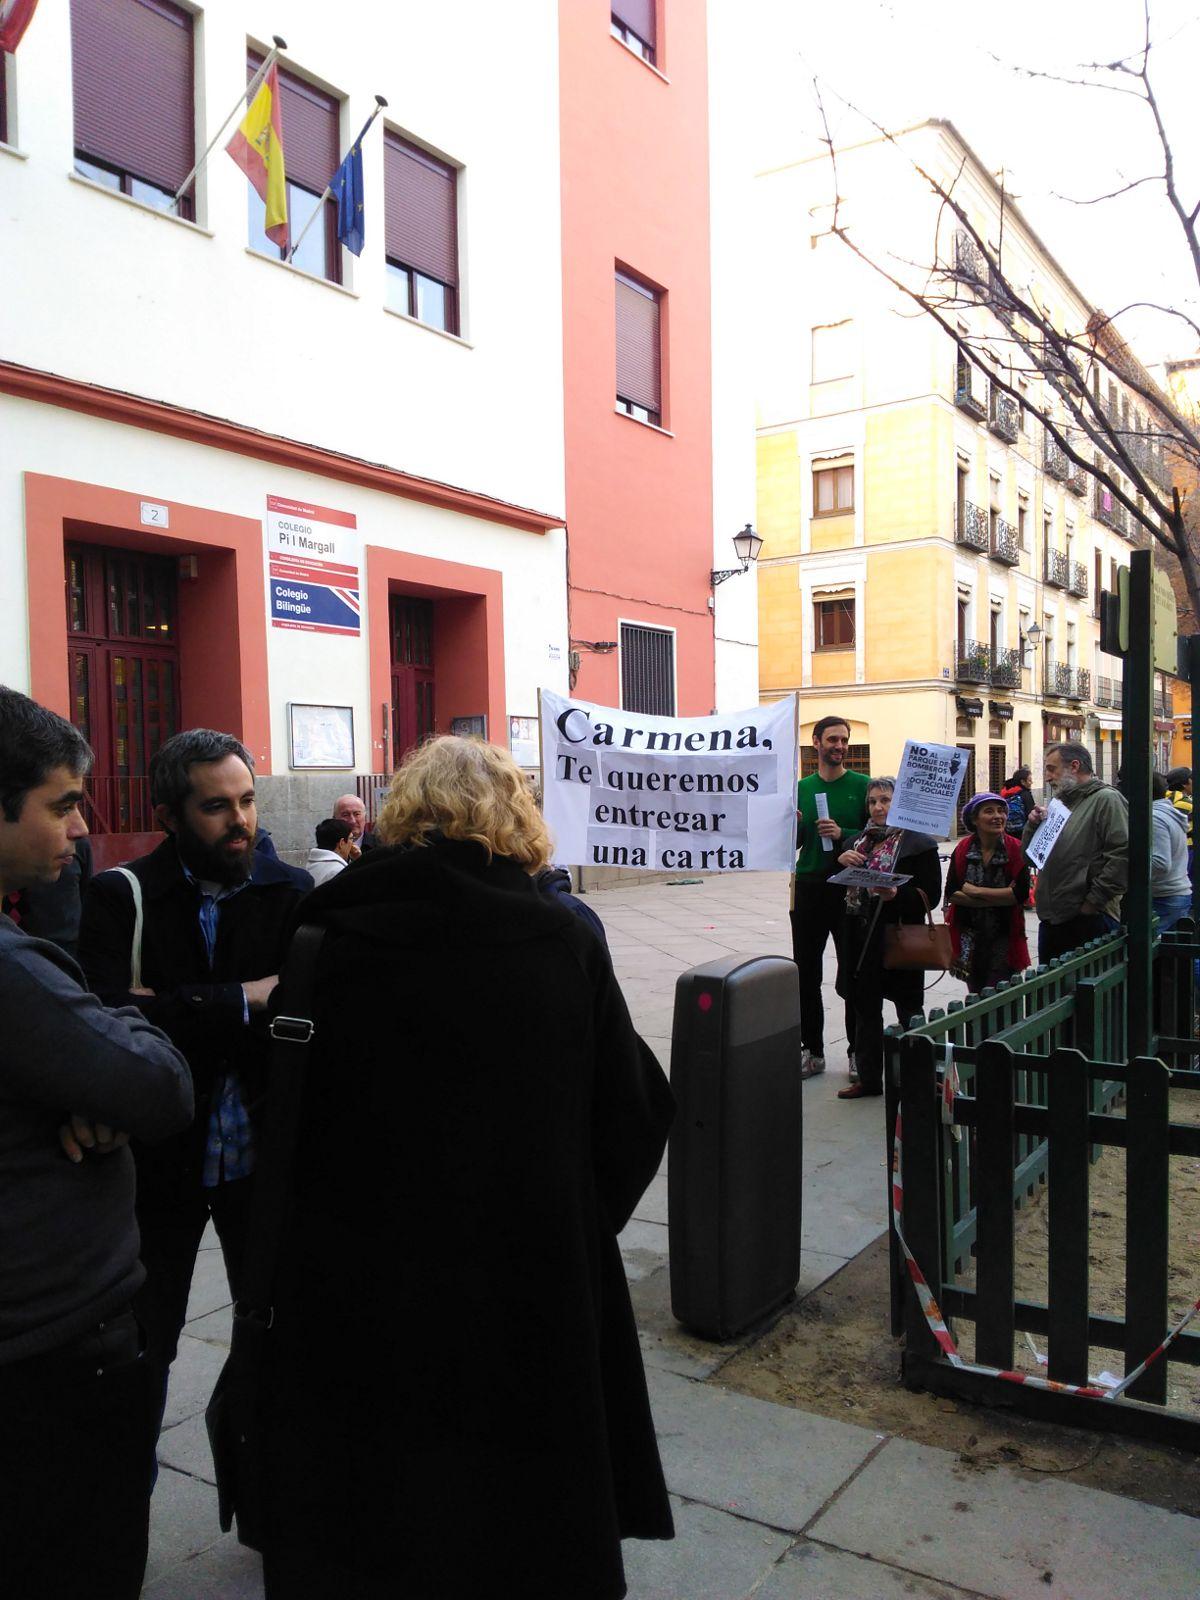 Vecinos piden a Carmena que no se construya el centro polivalente de seguridad en San Bernardo